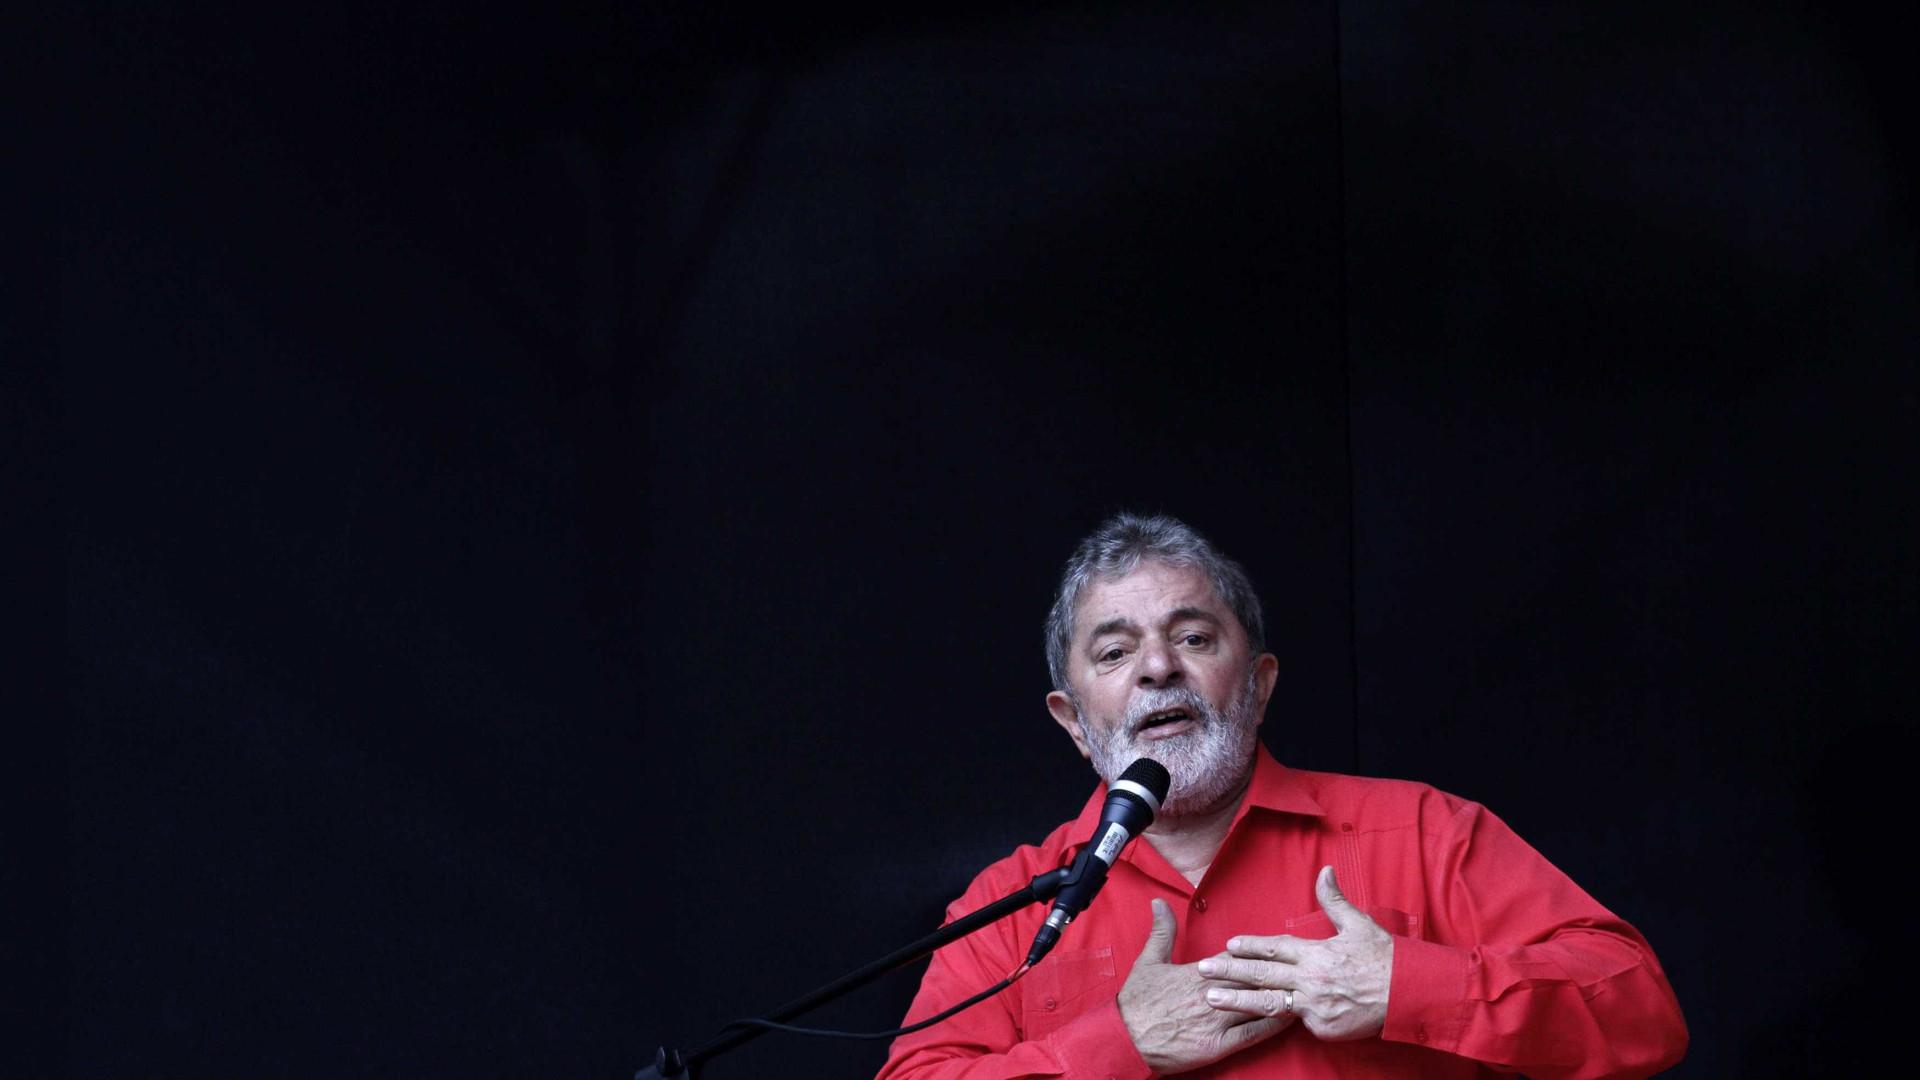 Polícia Federal indicia Lula no caso  tríplex do Guarujá